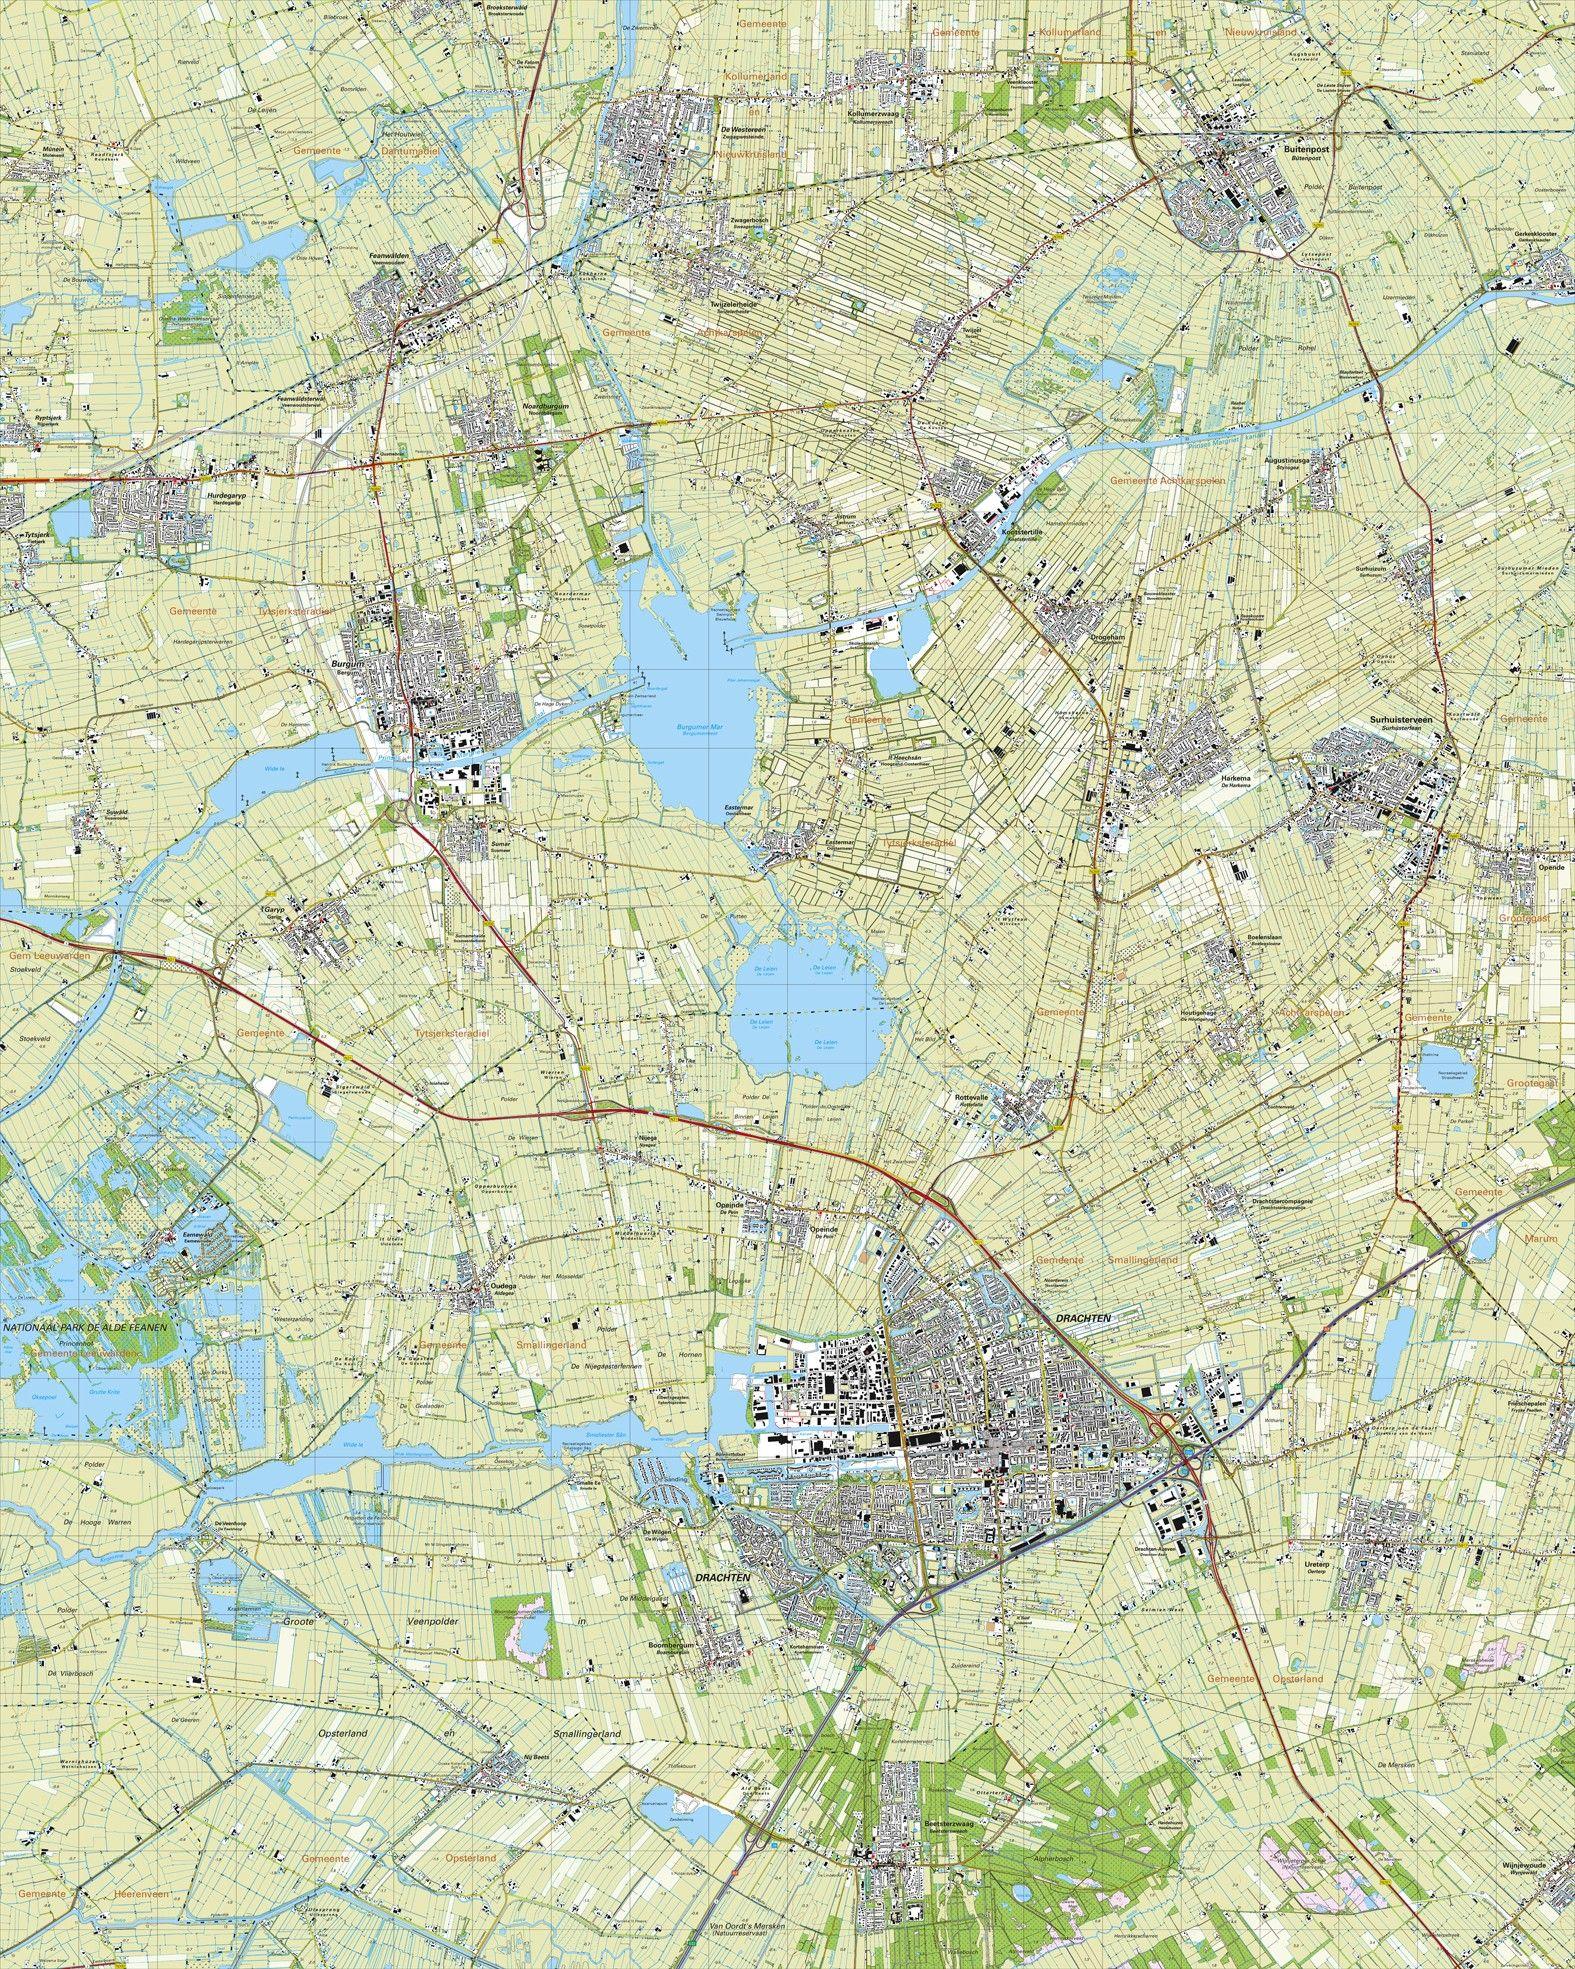 Topografische kaart schaal 1:25.000 (Buitenpost,Susrhuisterveen,Drachten,Beetsterzwaag,Bergum)